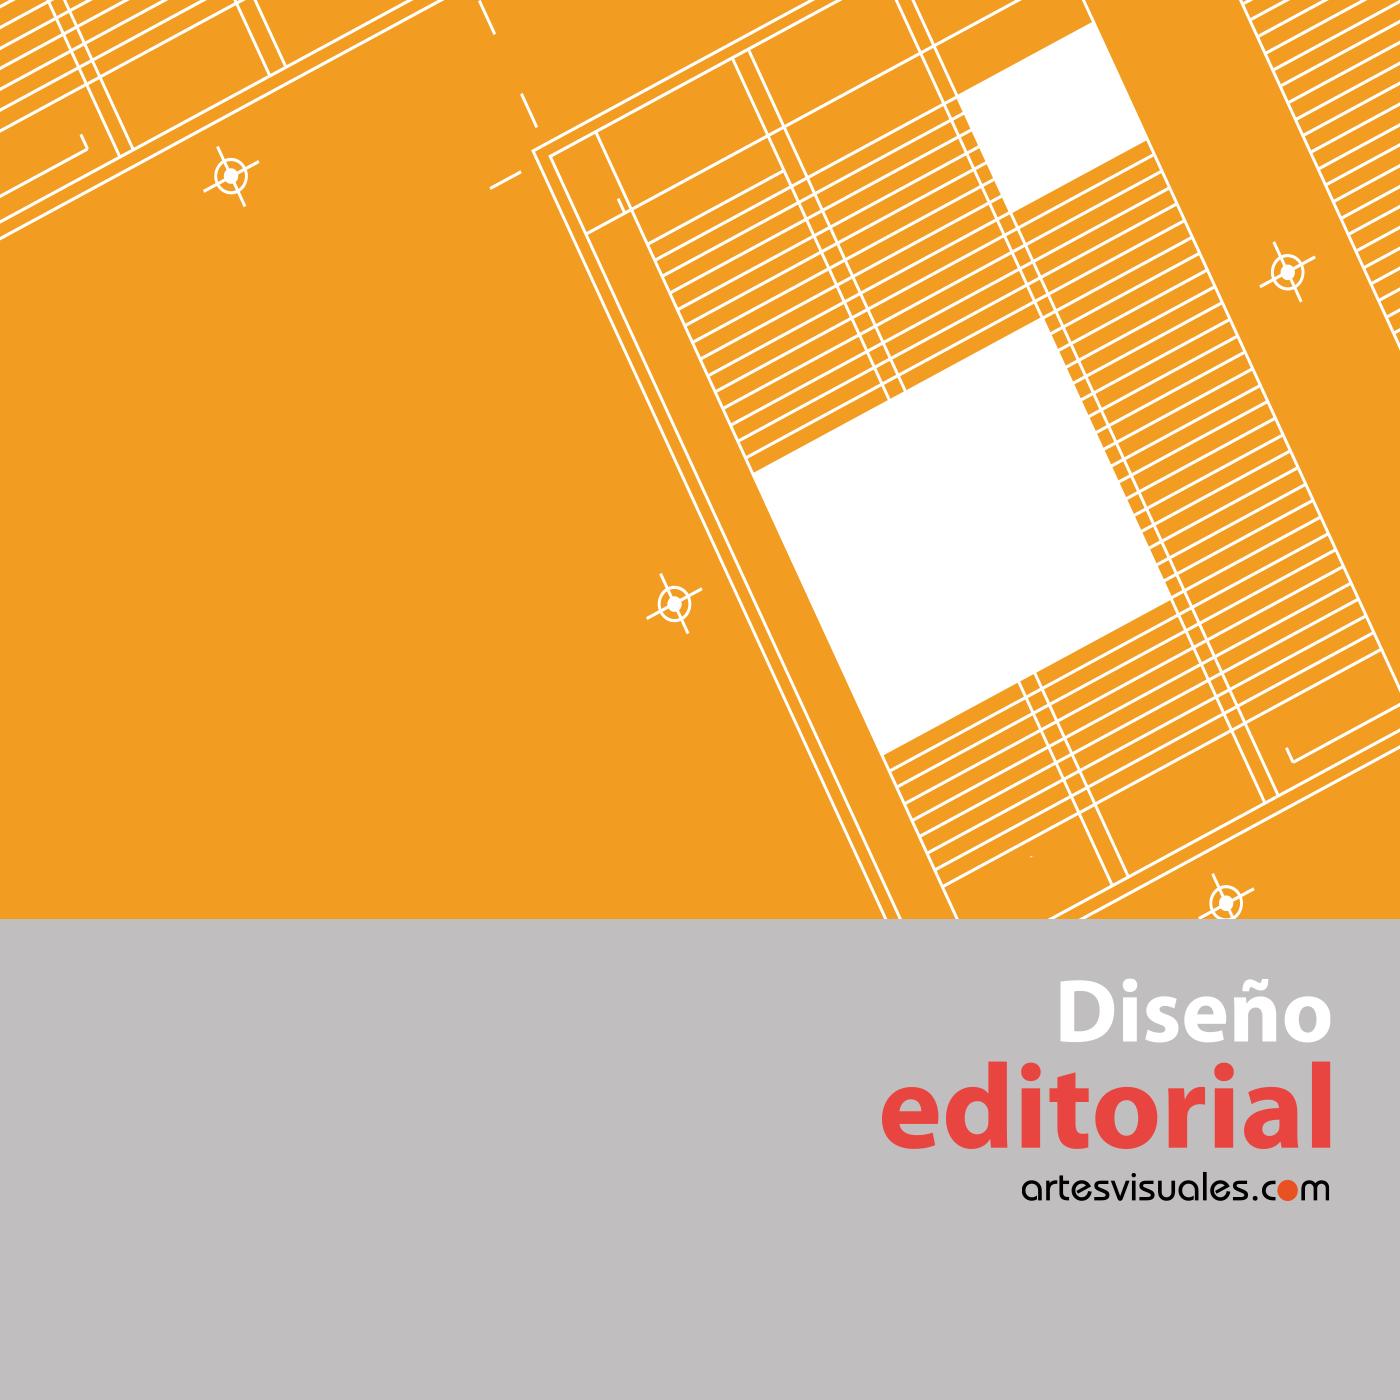 Nuevo ibook dise o editorial blogartesvisuales for Diseno grafico editorial